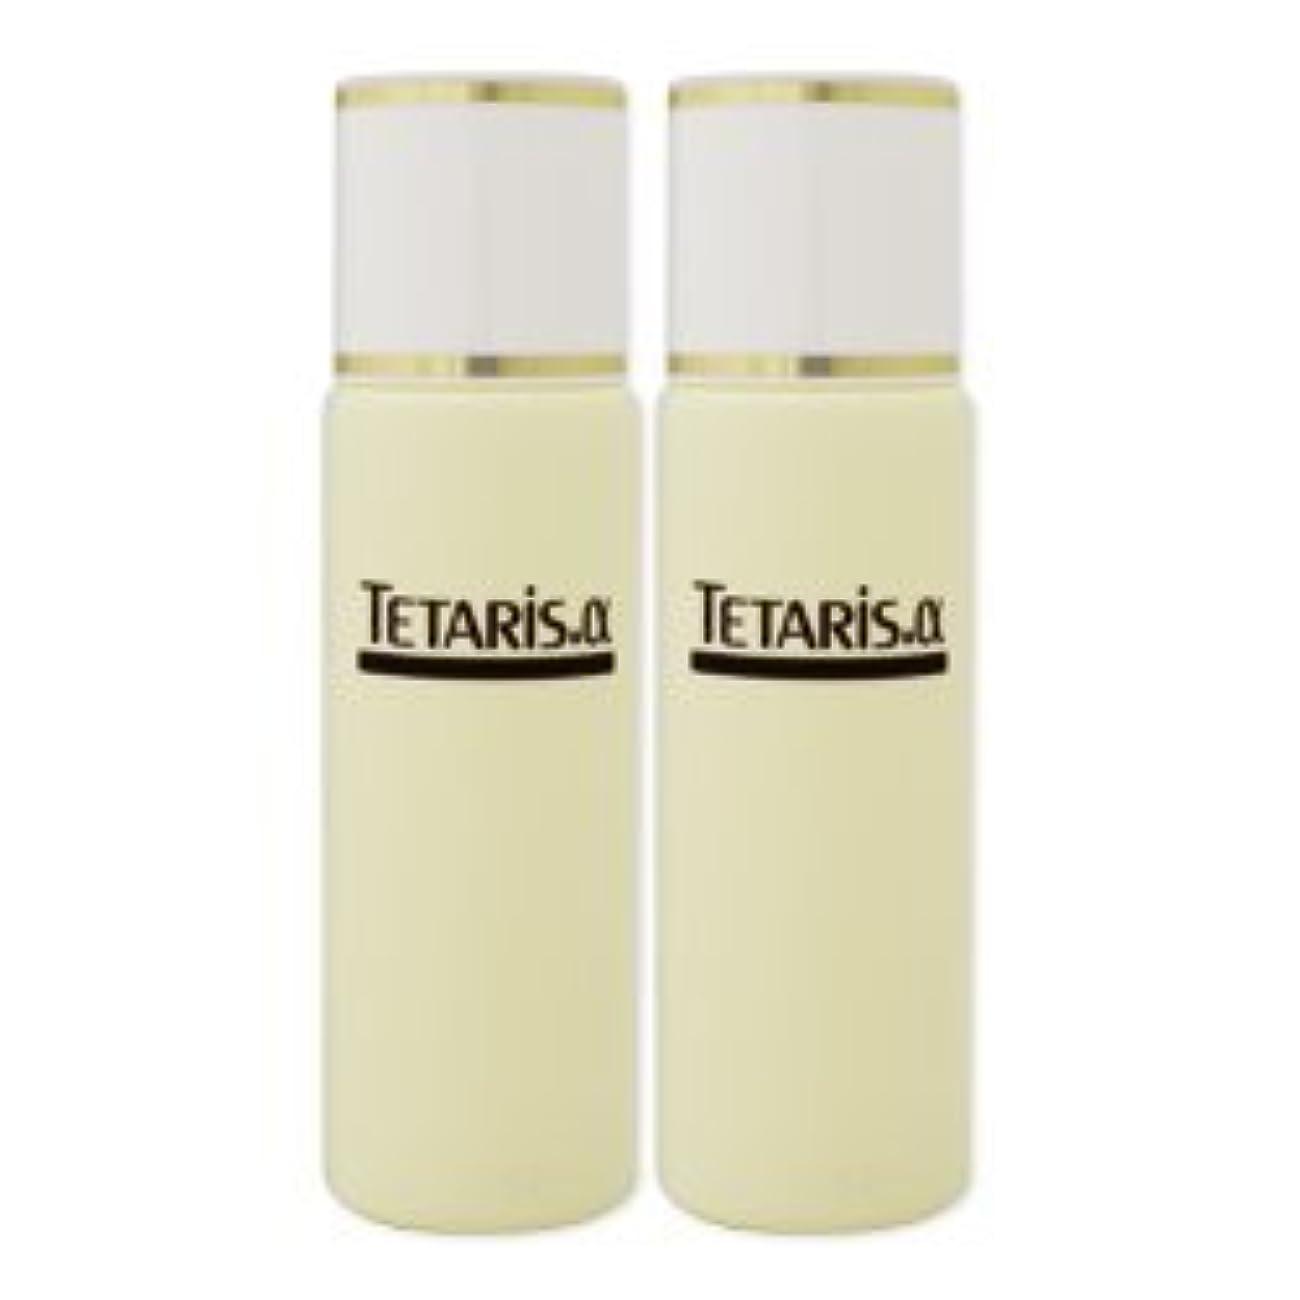 種静的慣習薬用テタリスアルファ 200ml 2個セット 頭皮用薬用育毛剤 医薬部外品